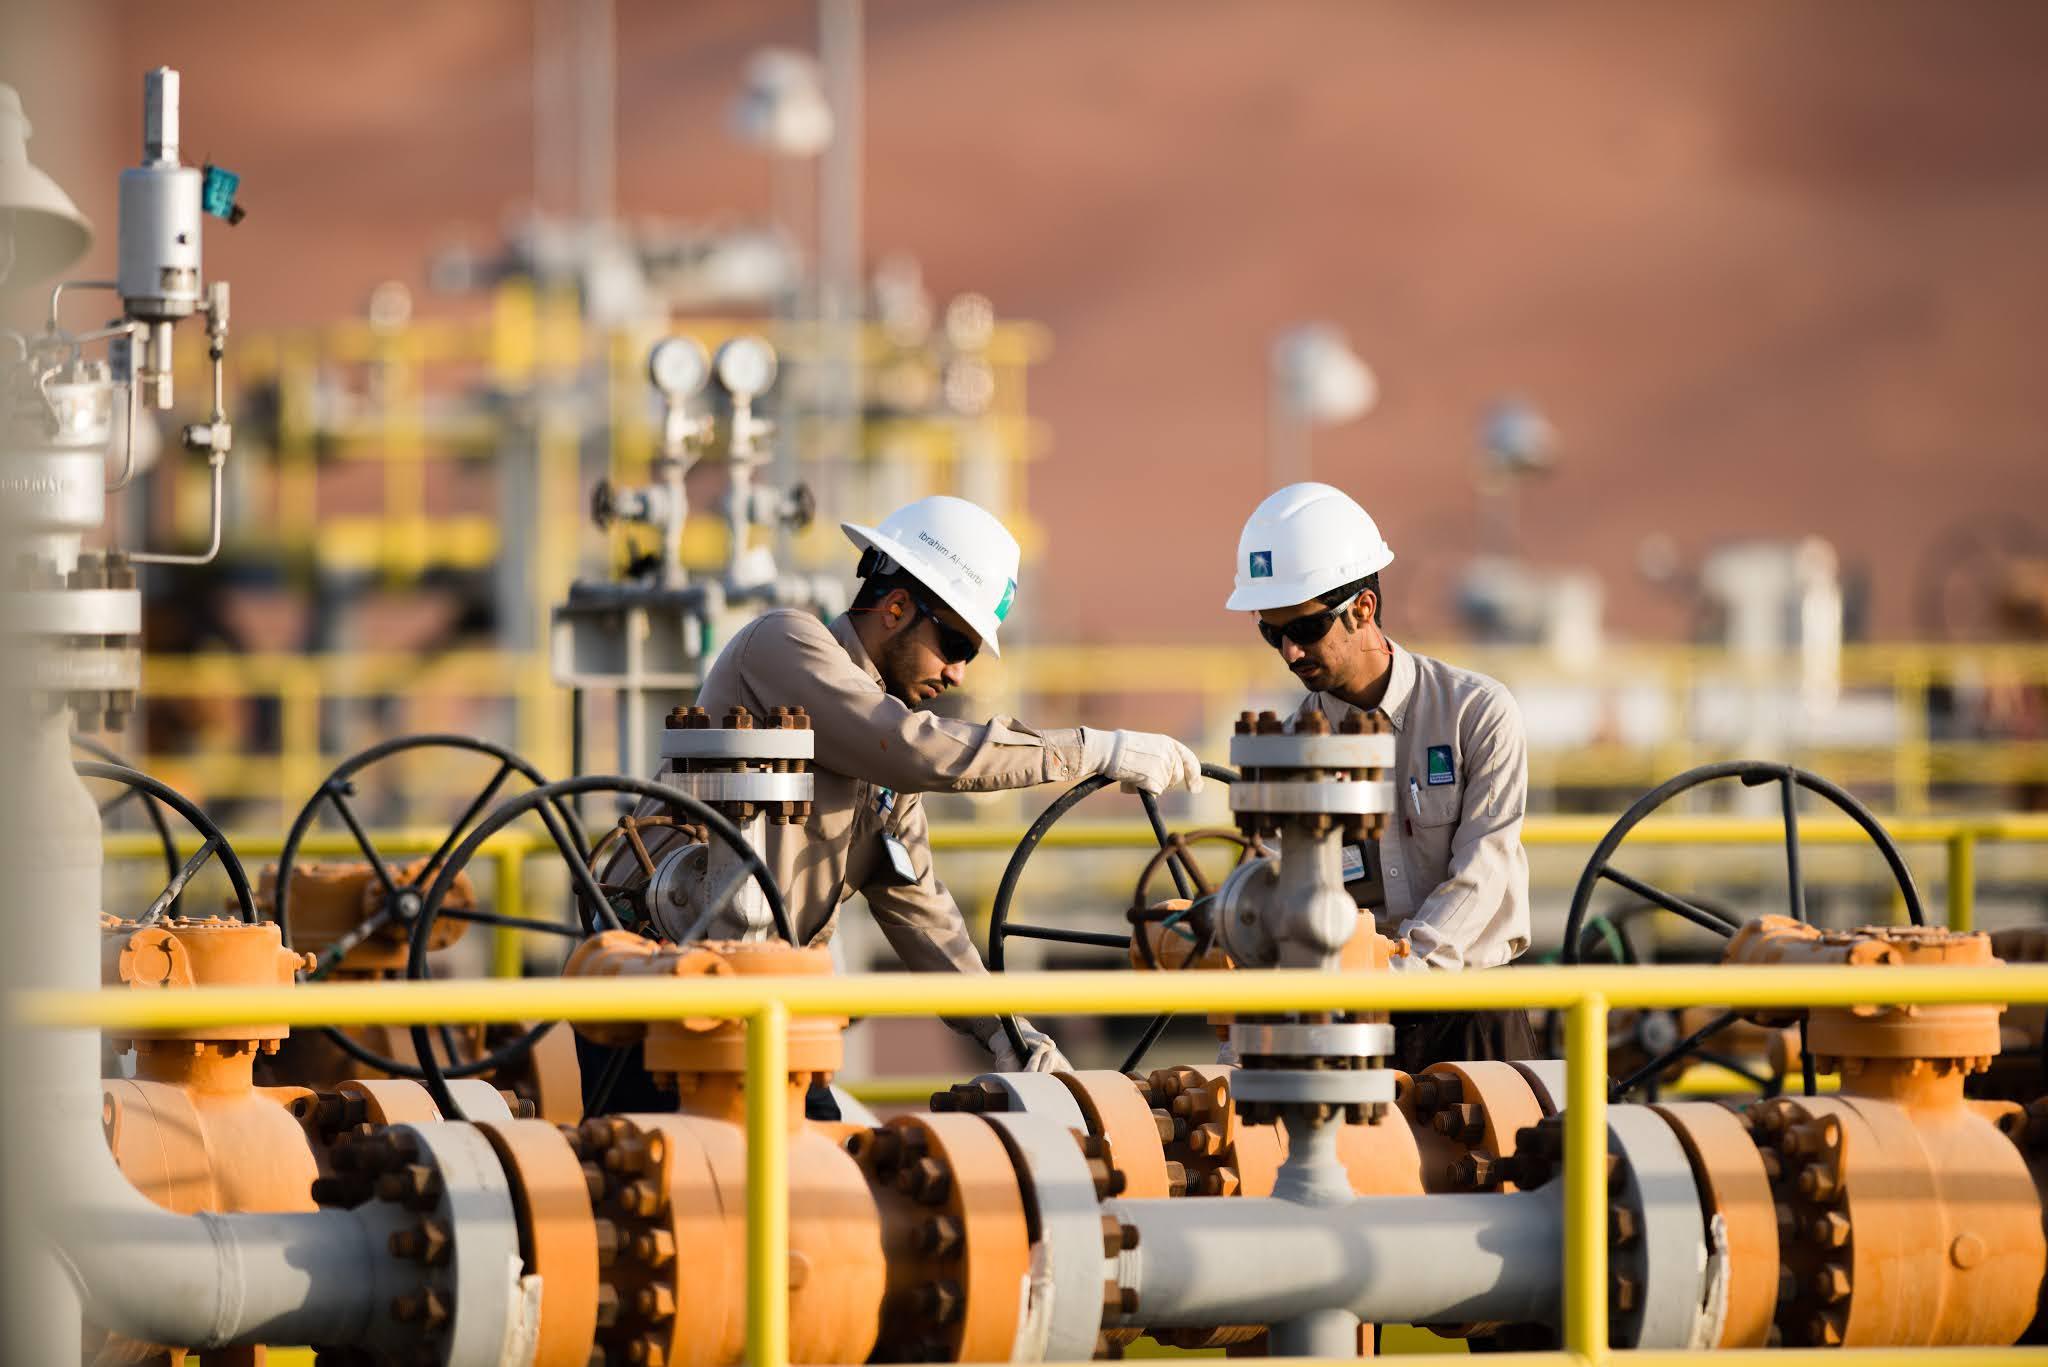 أرامكو Aramco السعودية تشهد نموا كبيرا في الربع الثاني بسبب ارتفاع أسعار النفط وانتعاش الطلب